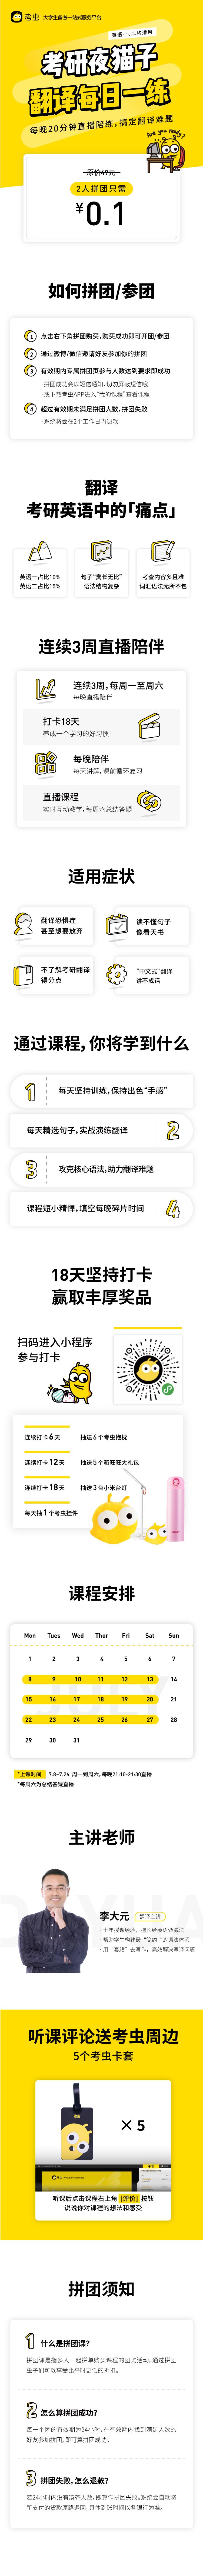 详情页每日翻译.jpg